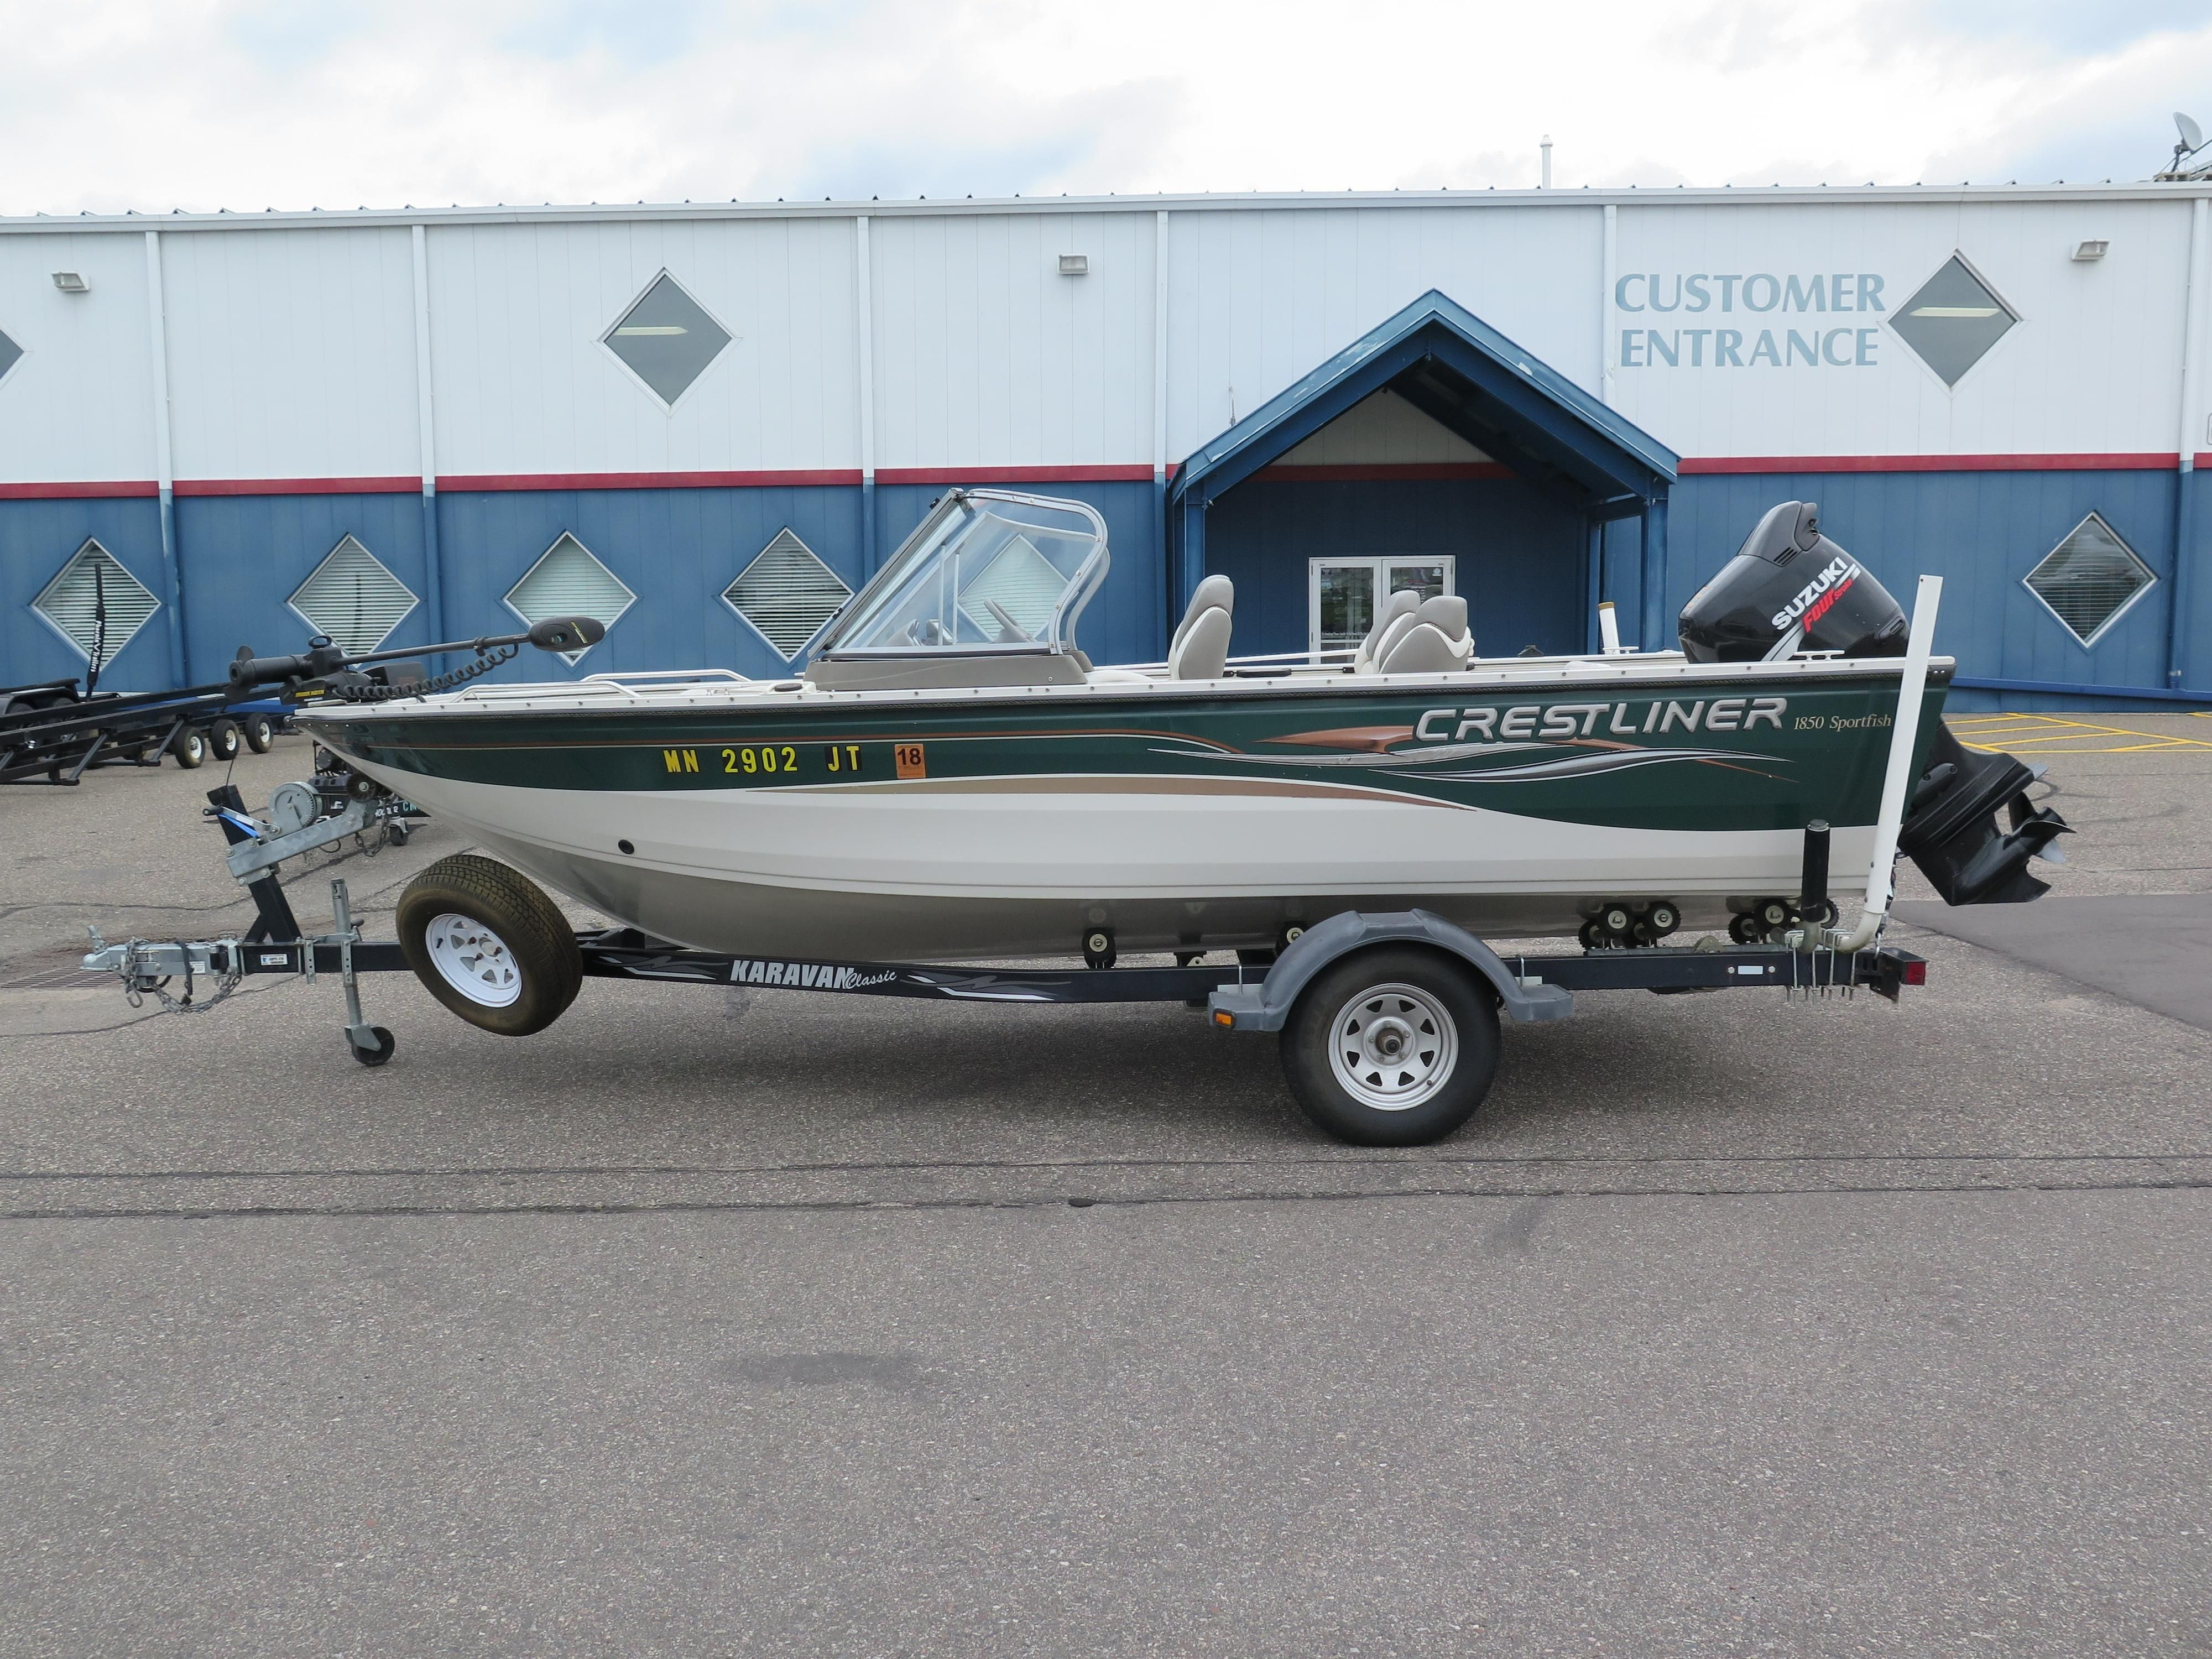 2004 Crestliner 1850 Sportfish Power Boat For Sale Www